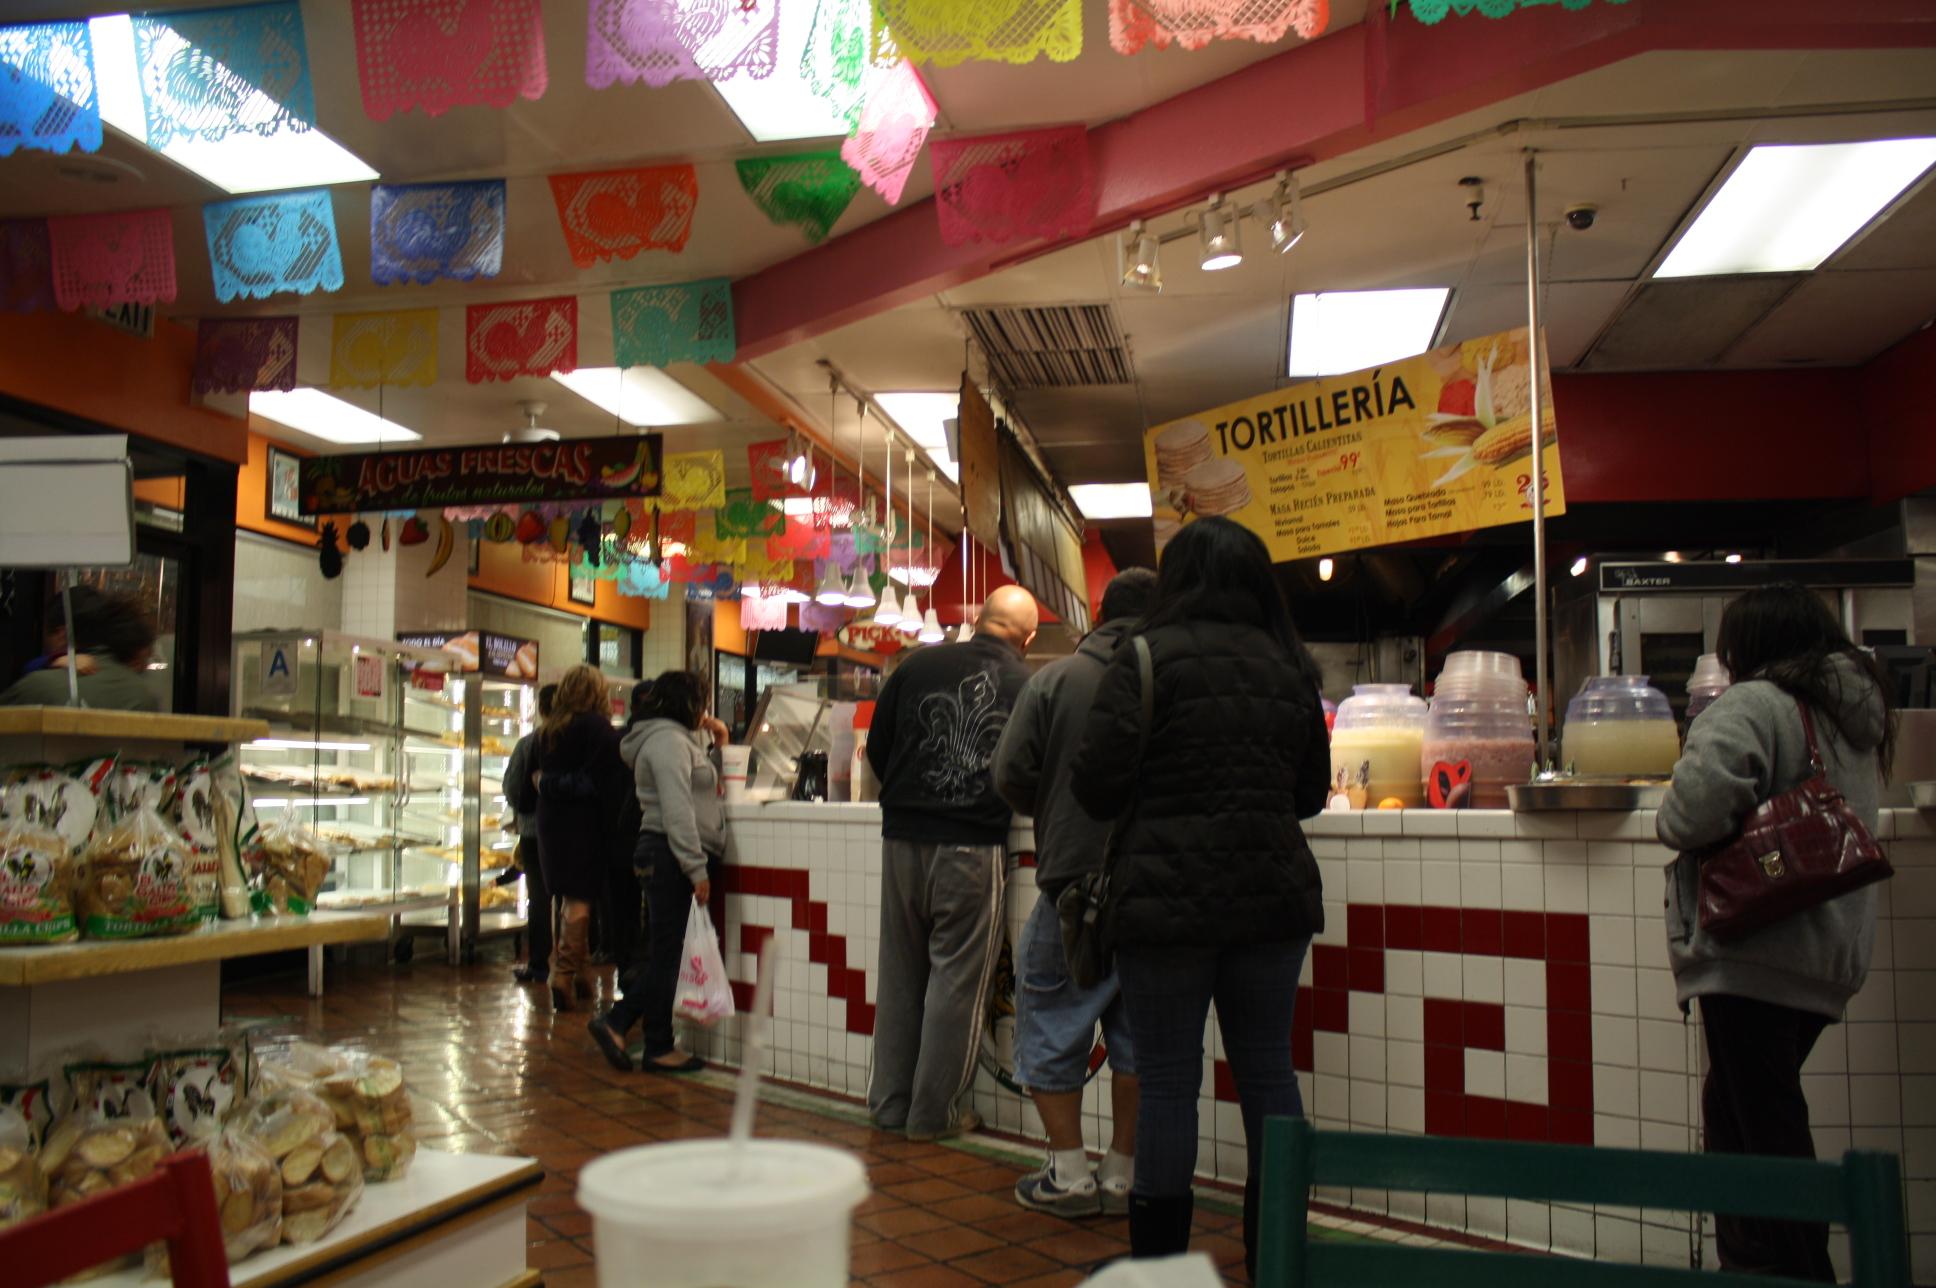 El restaurante está abierto las 24 horas en Huntington Park y la gente no deja de llegar a cualquier hora. (Foto de Agustín Durán/El Pasajero).